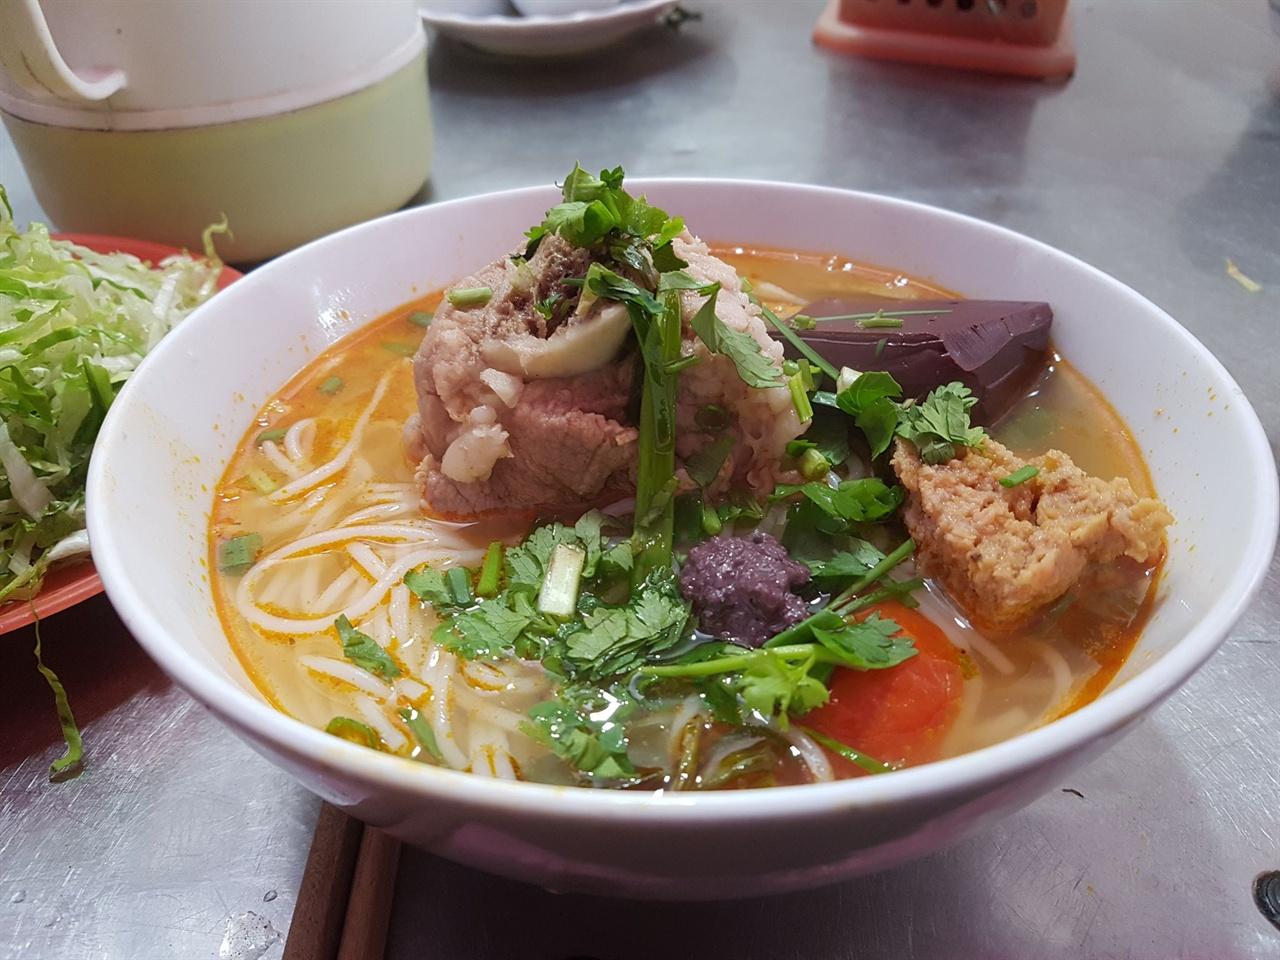 베트남 사람들은 아침 식사는 주로 쌀국수를 먹고 점심에는 밥을 먹는다.